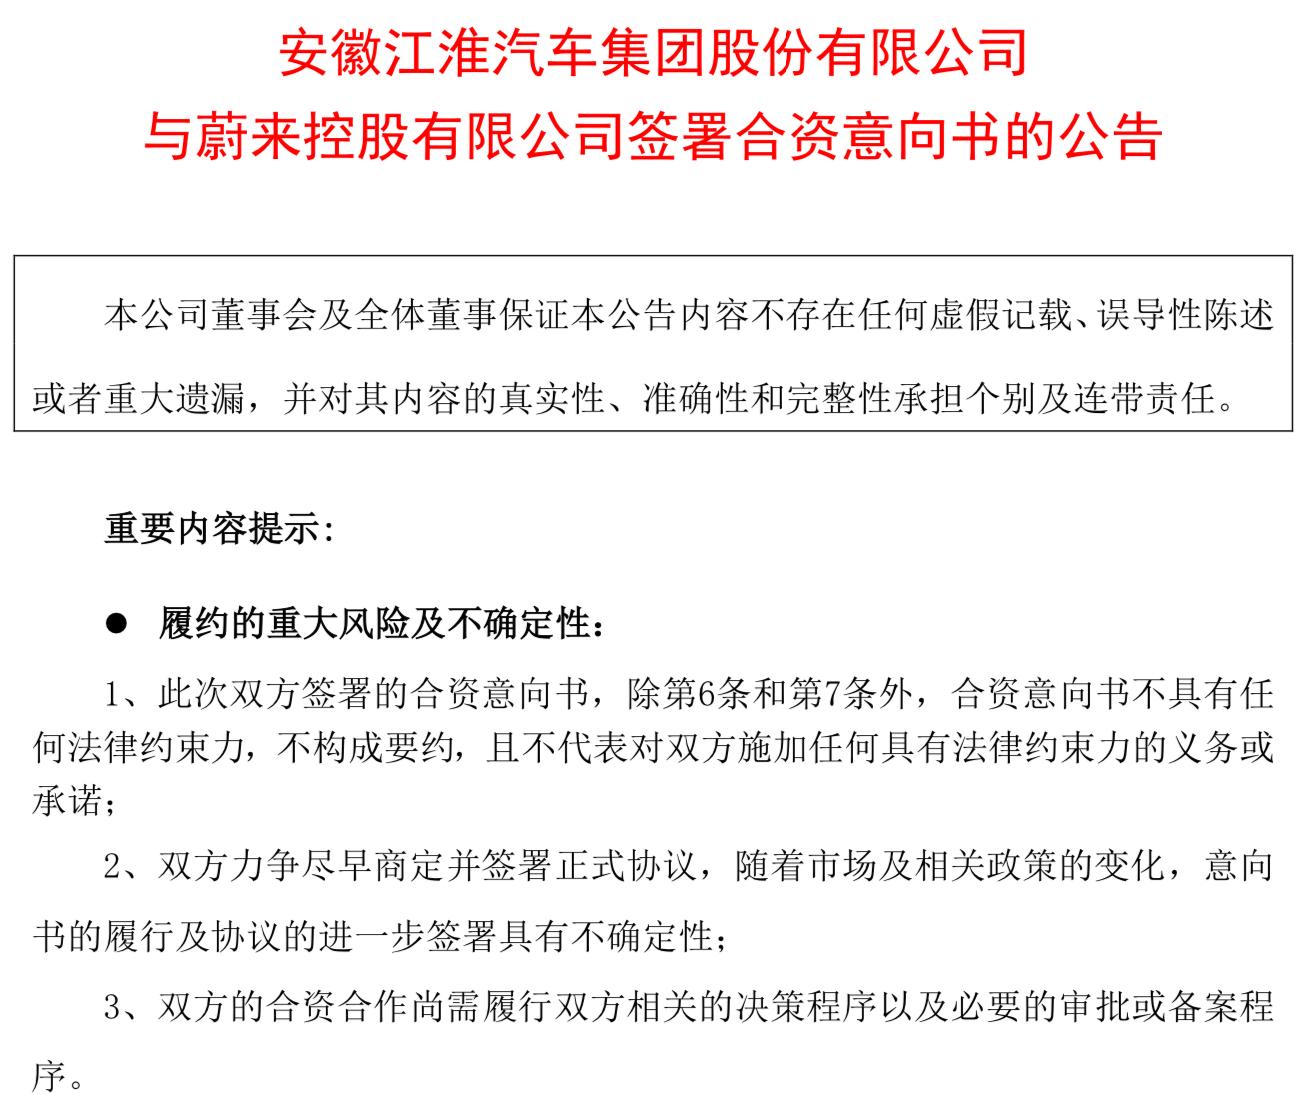 江淮股价涨停 拟与蔚来成立合资公司